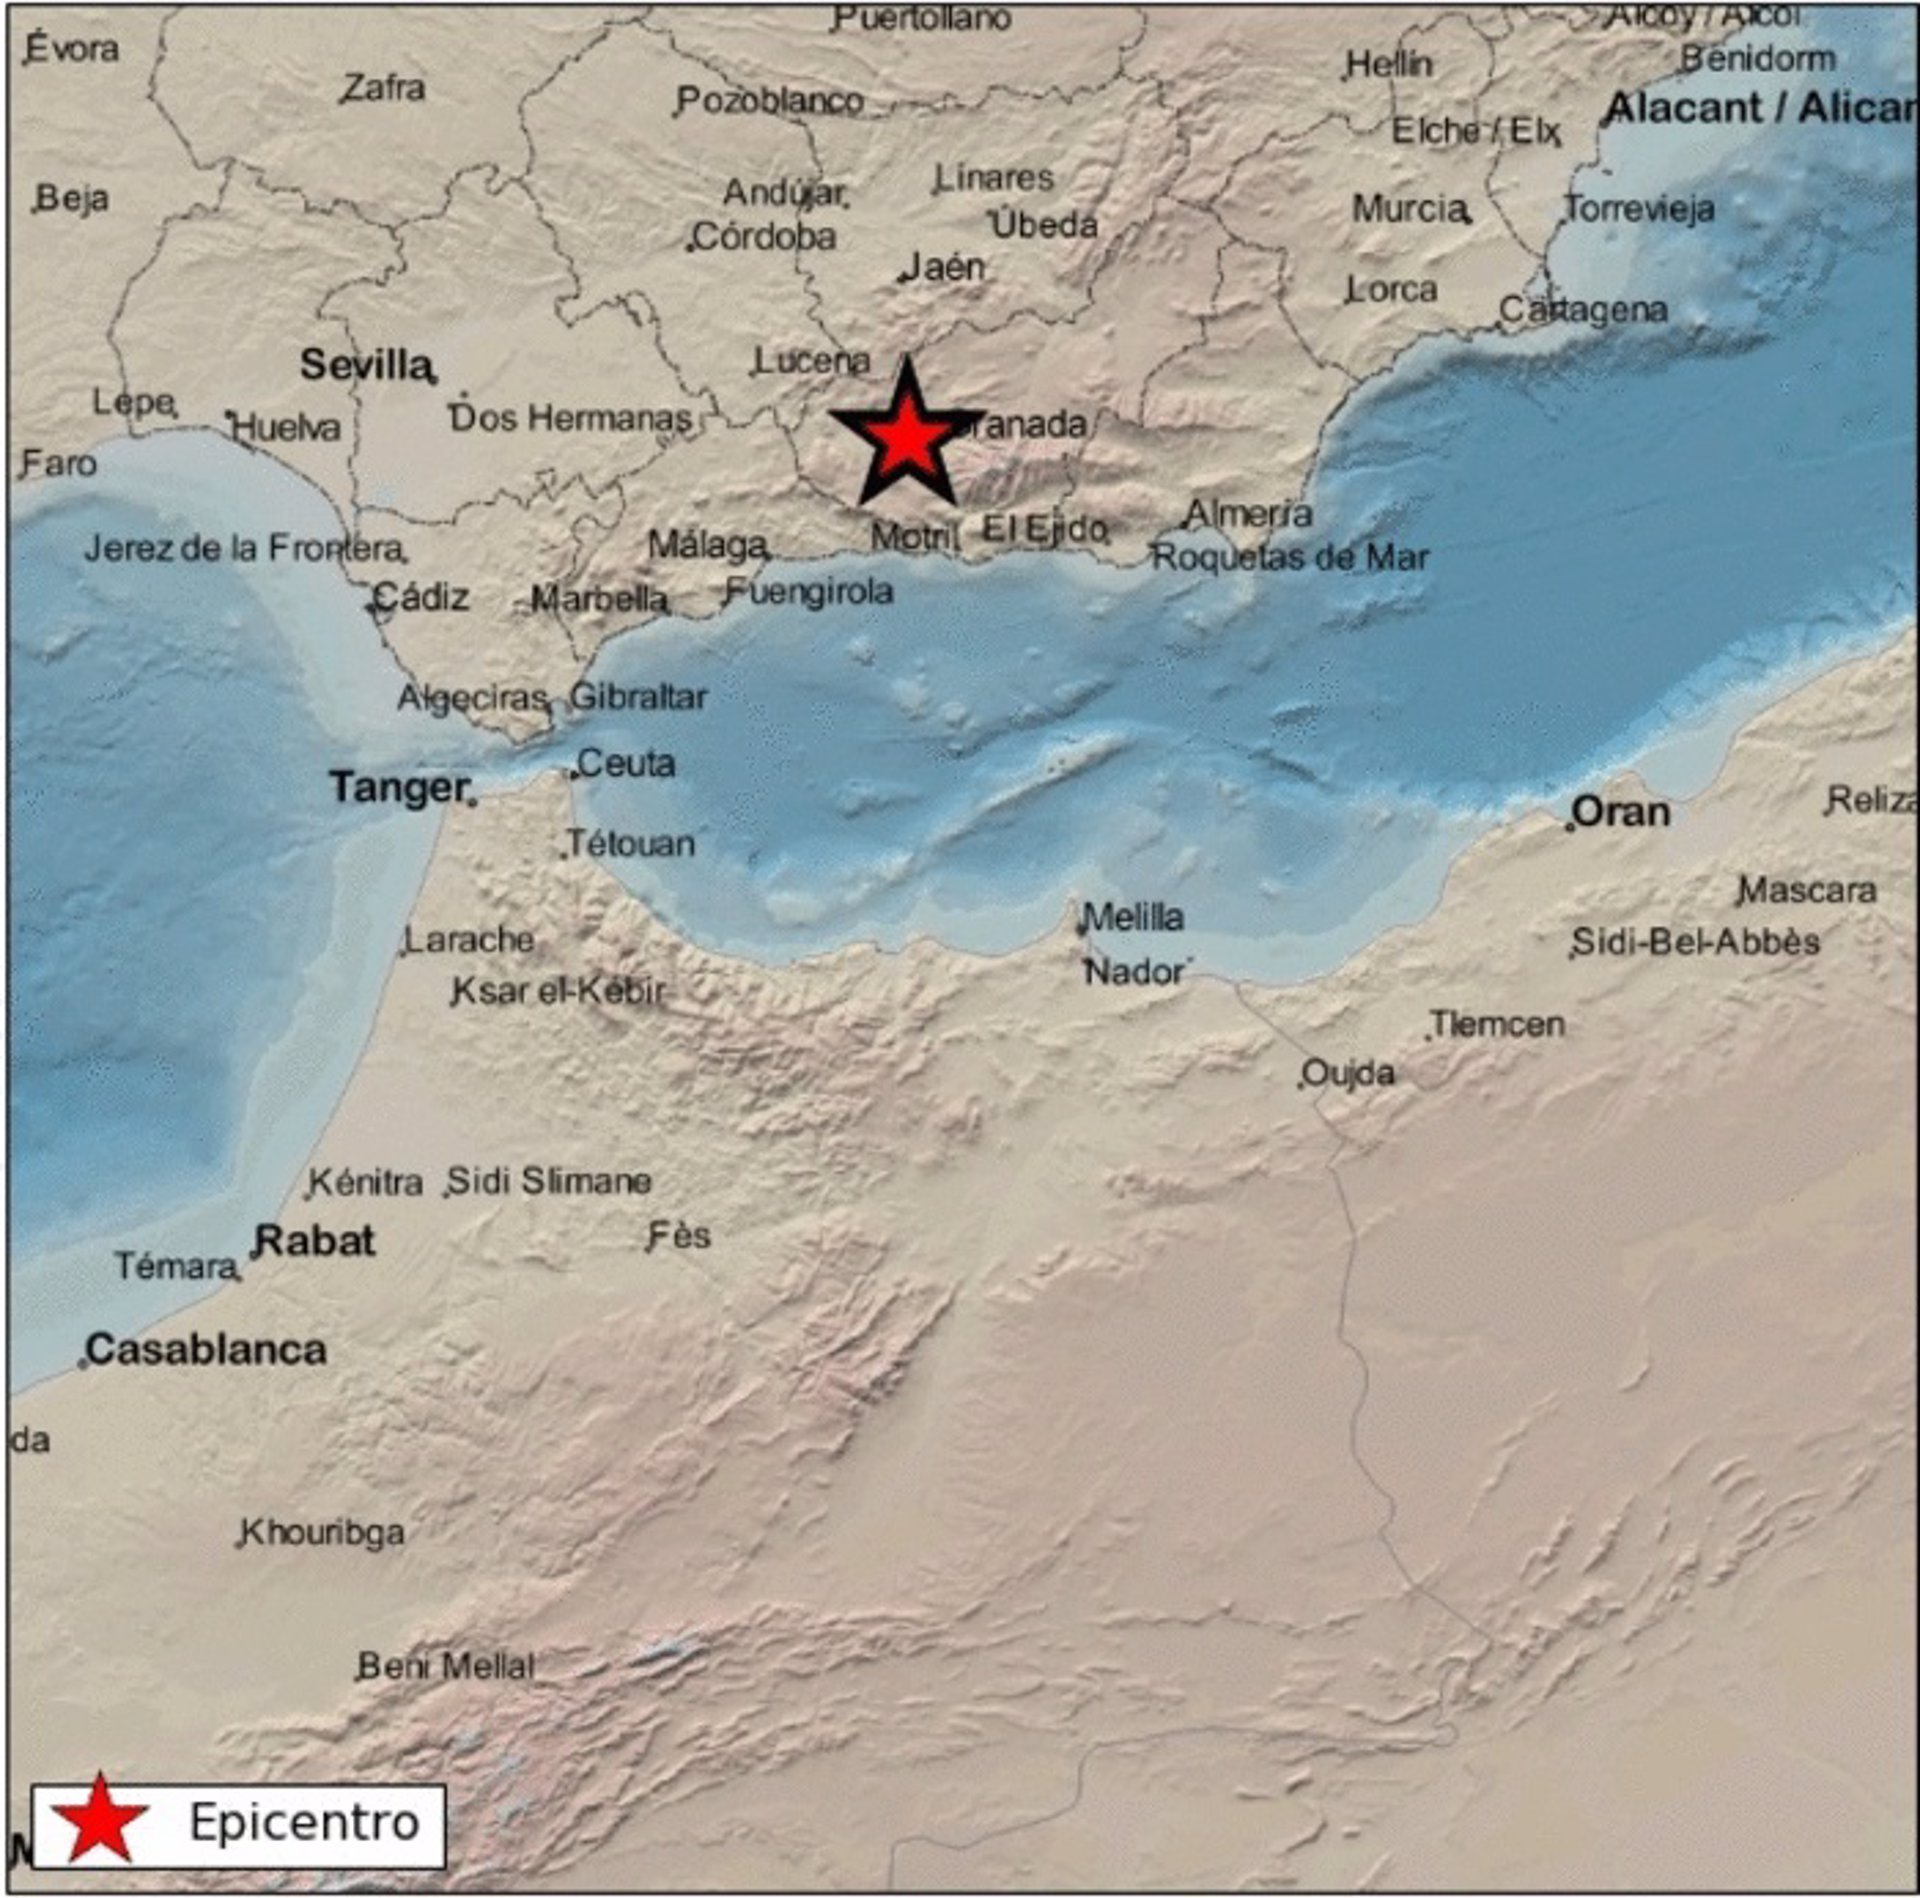 Se reduce la intensidad del enjambre sísmico con un menor número de terremotos cada día